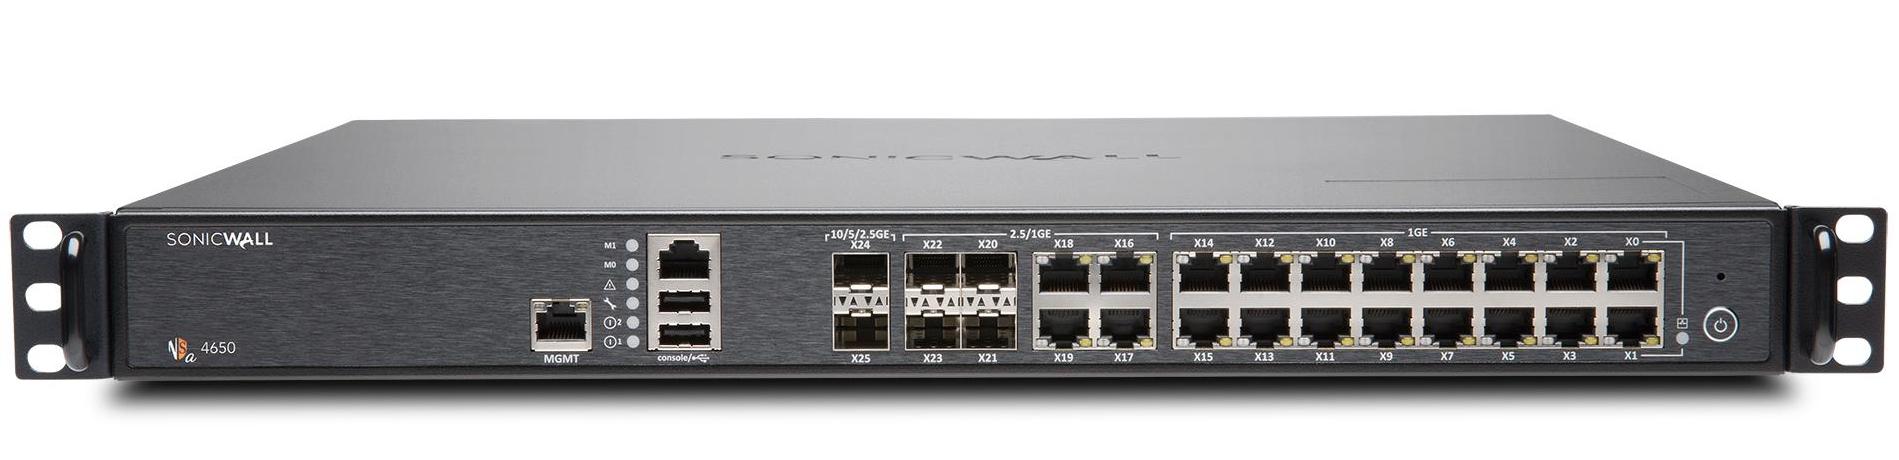 SonicWall NSA 4650 cortafuegos (hardware) 1U